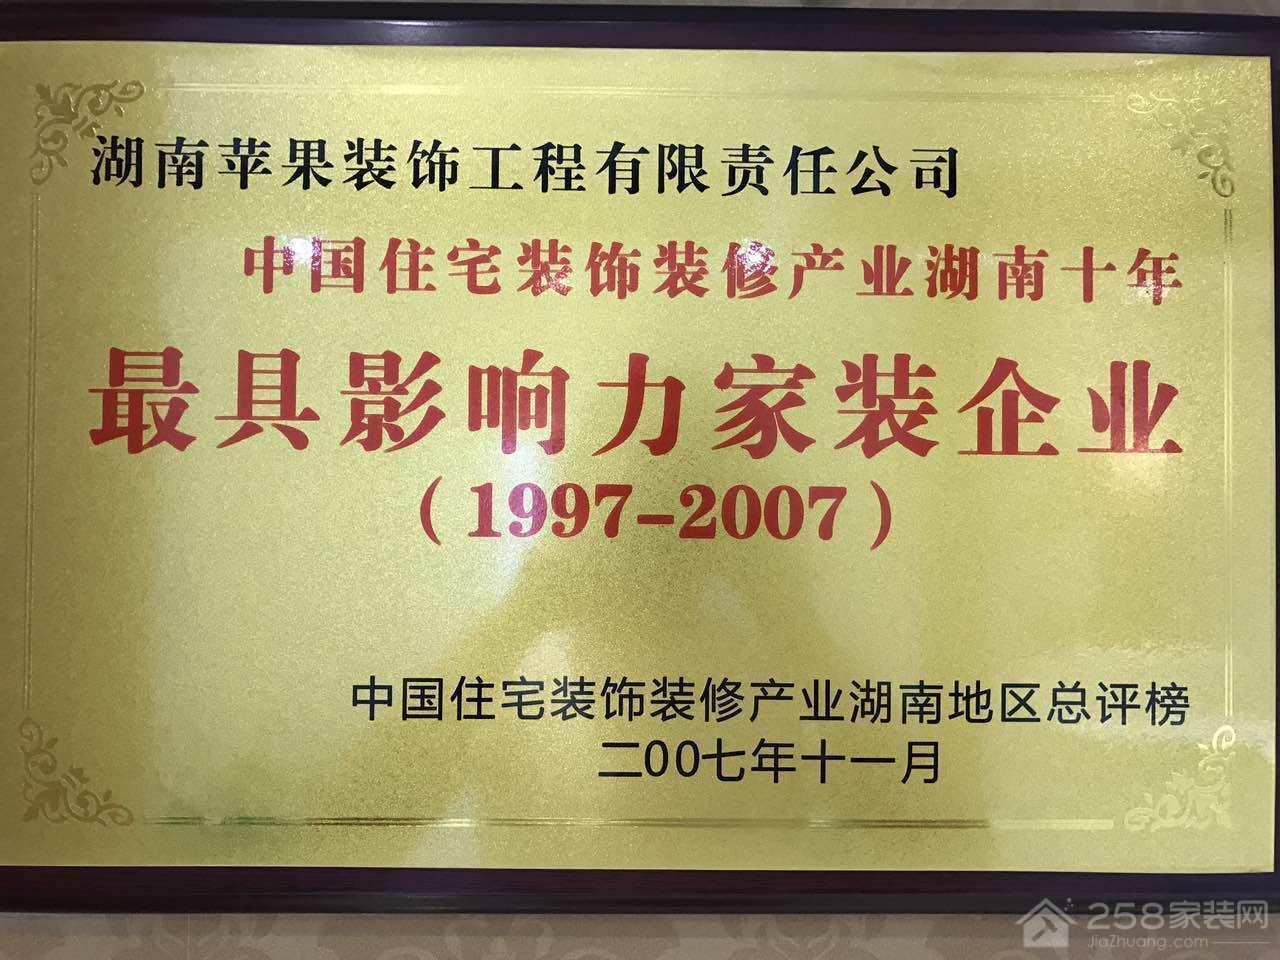 安徽苹果设计工程有限公司